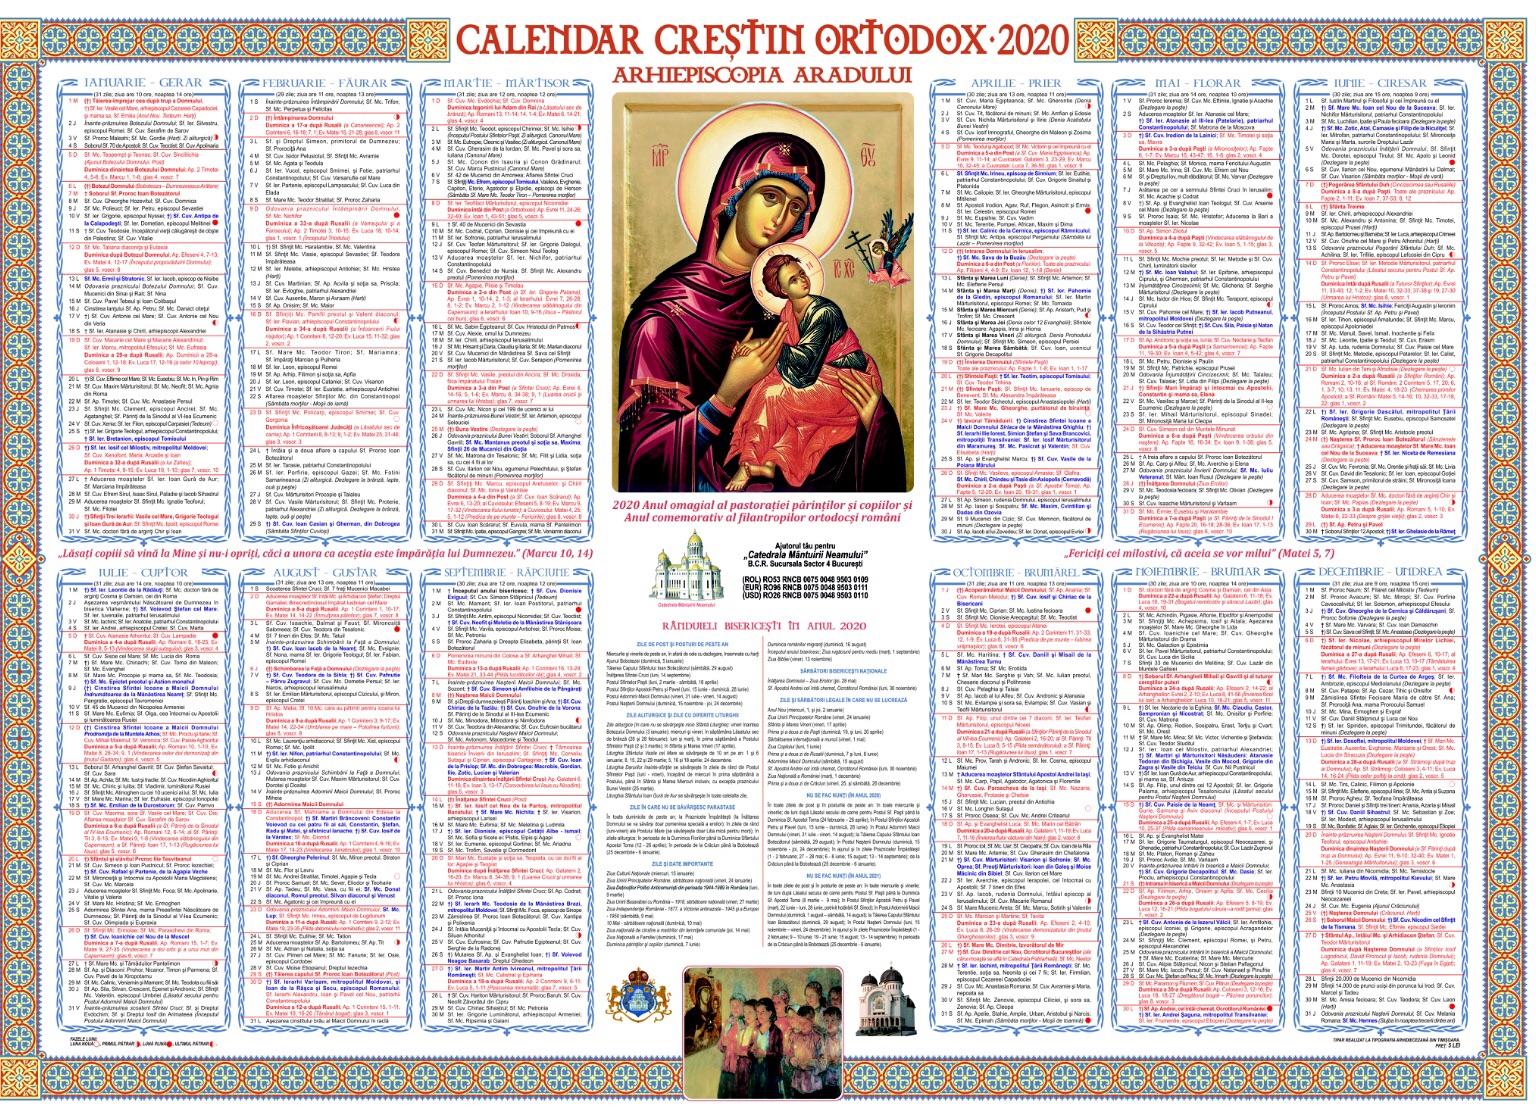 Calendar creștin ortodox 2020. Sărbătoare mare pe data de 8 ianuarie